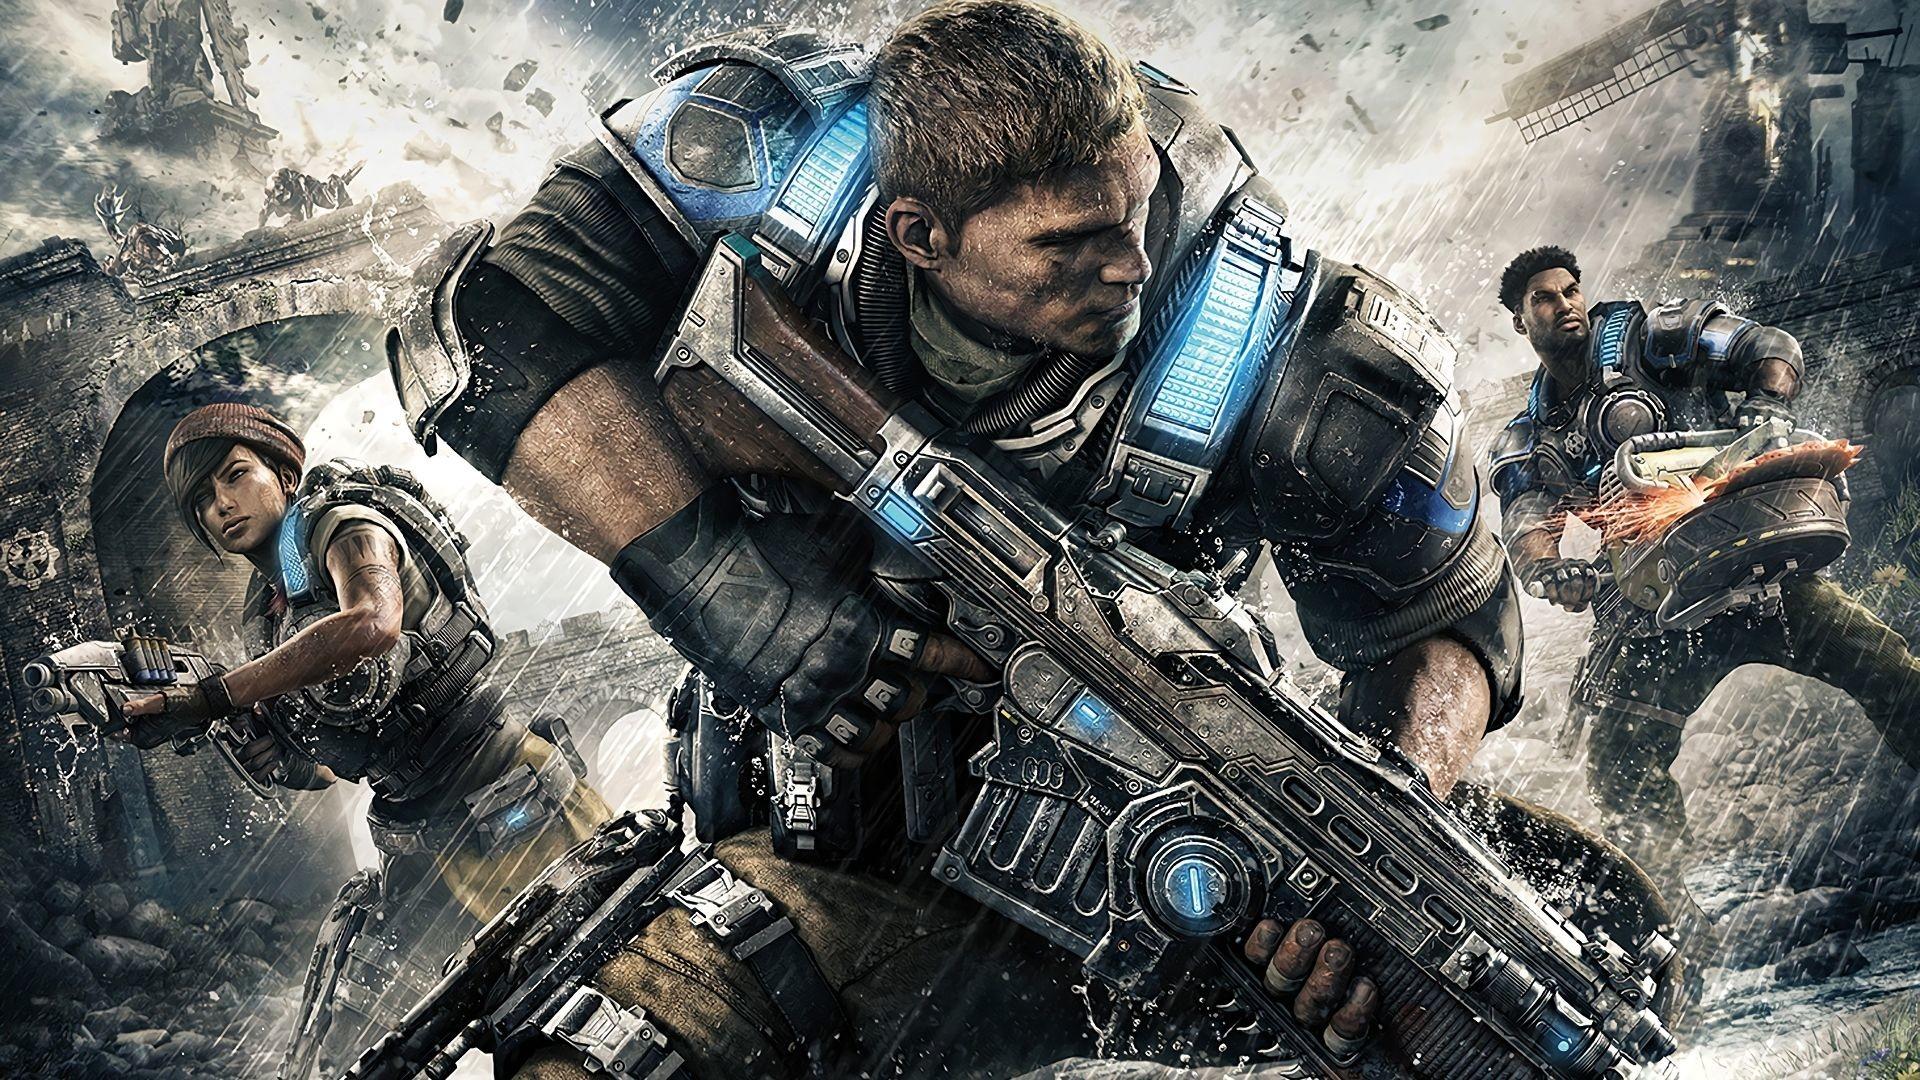 Gears of War 4 Widescreen Gears of War 4 Download